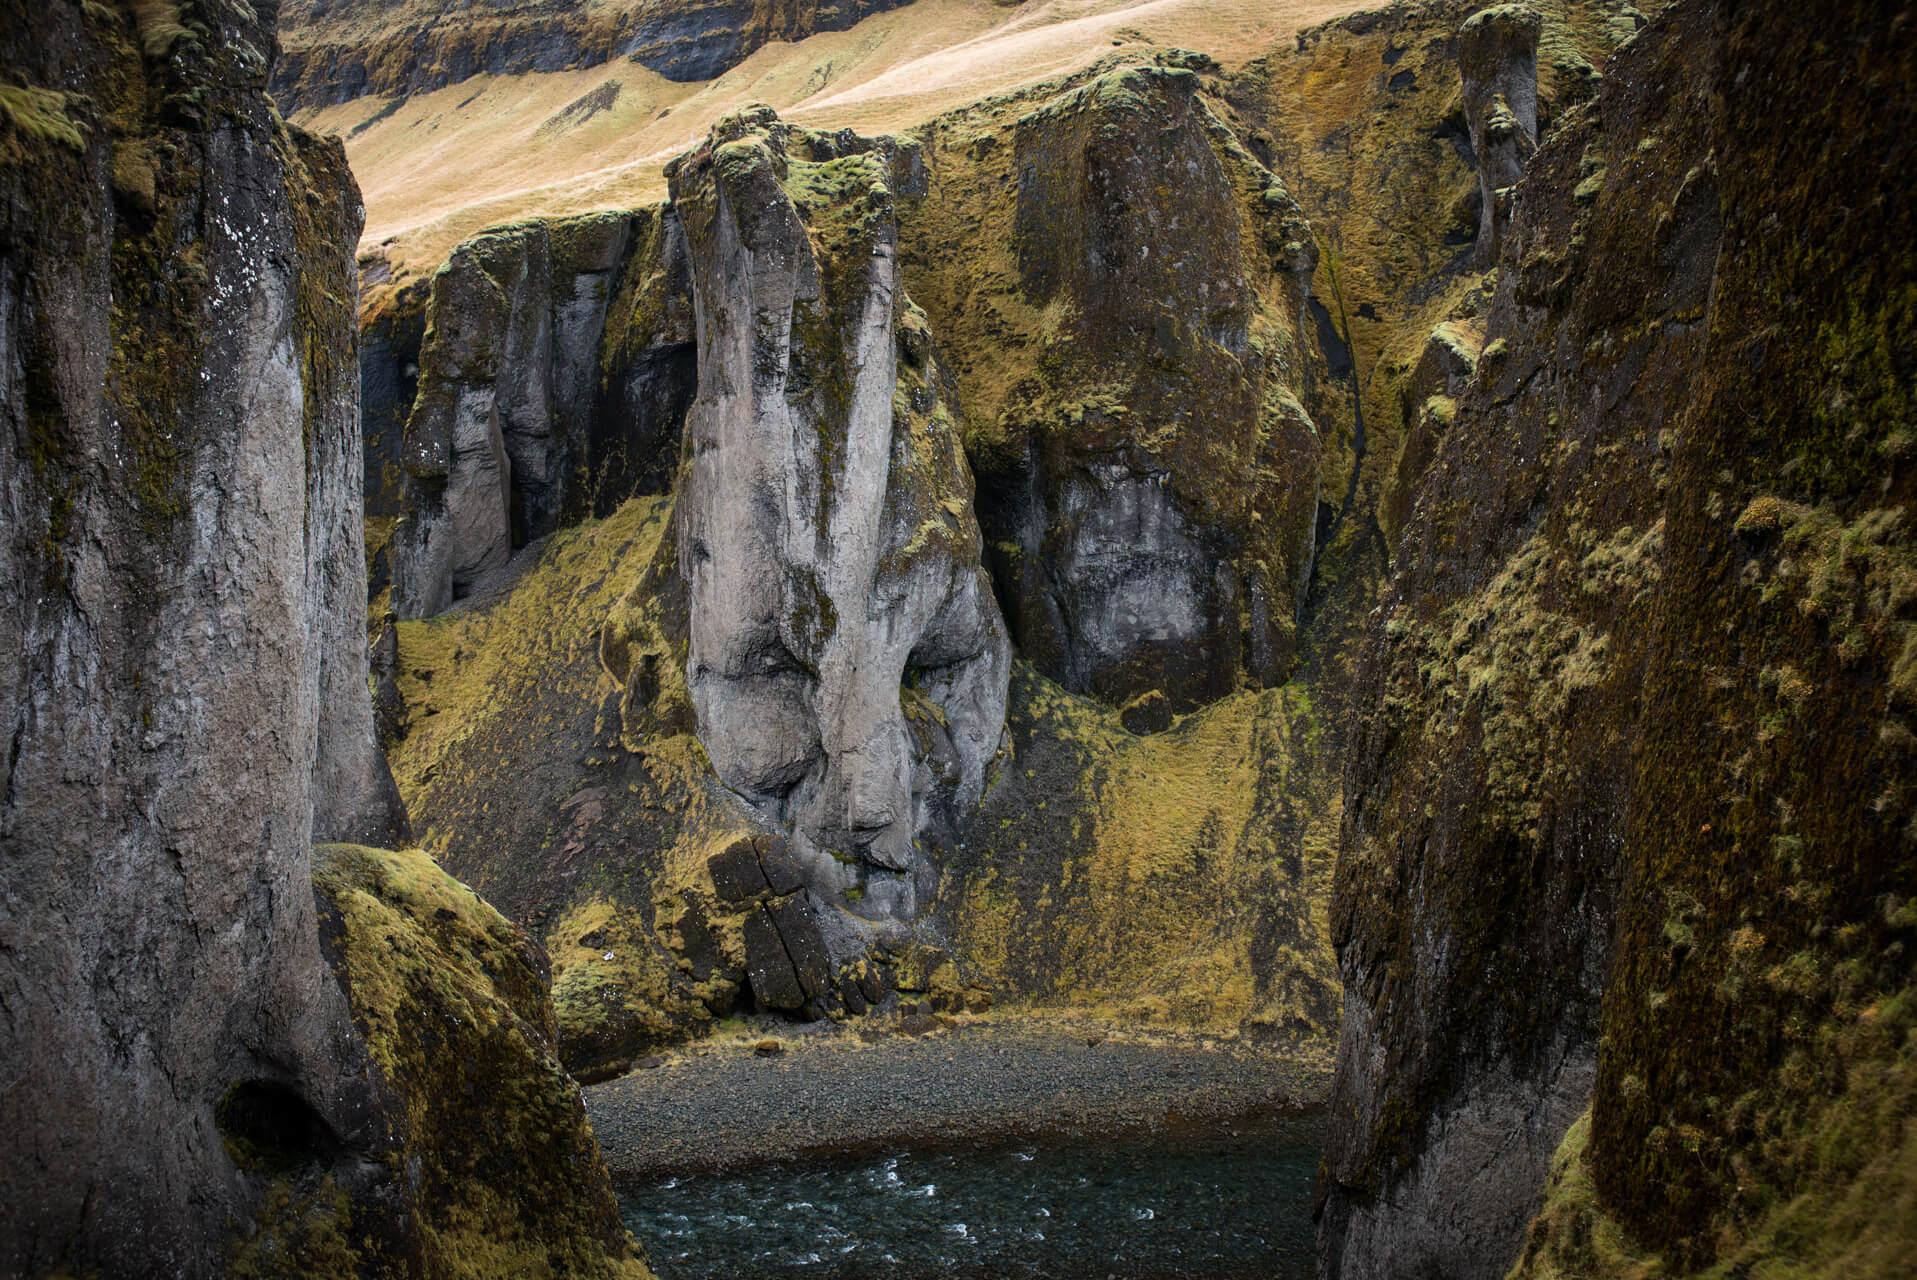 Island, Fjaðrárgljúfur; Fotograf Steffen Lohse